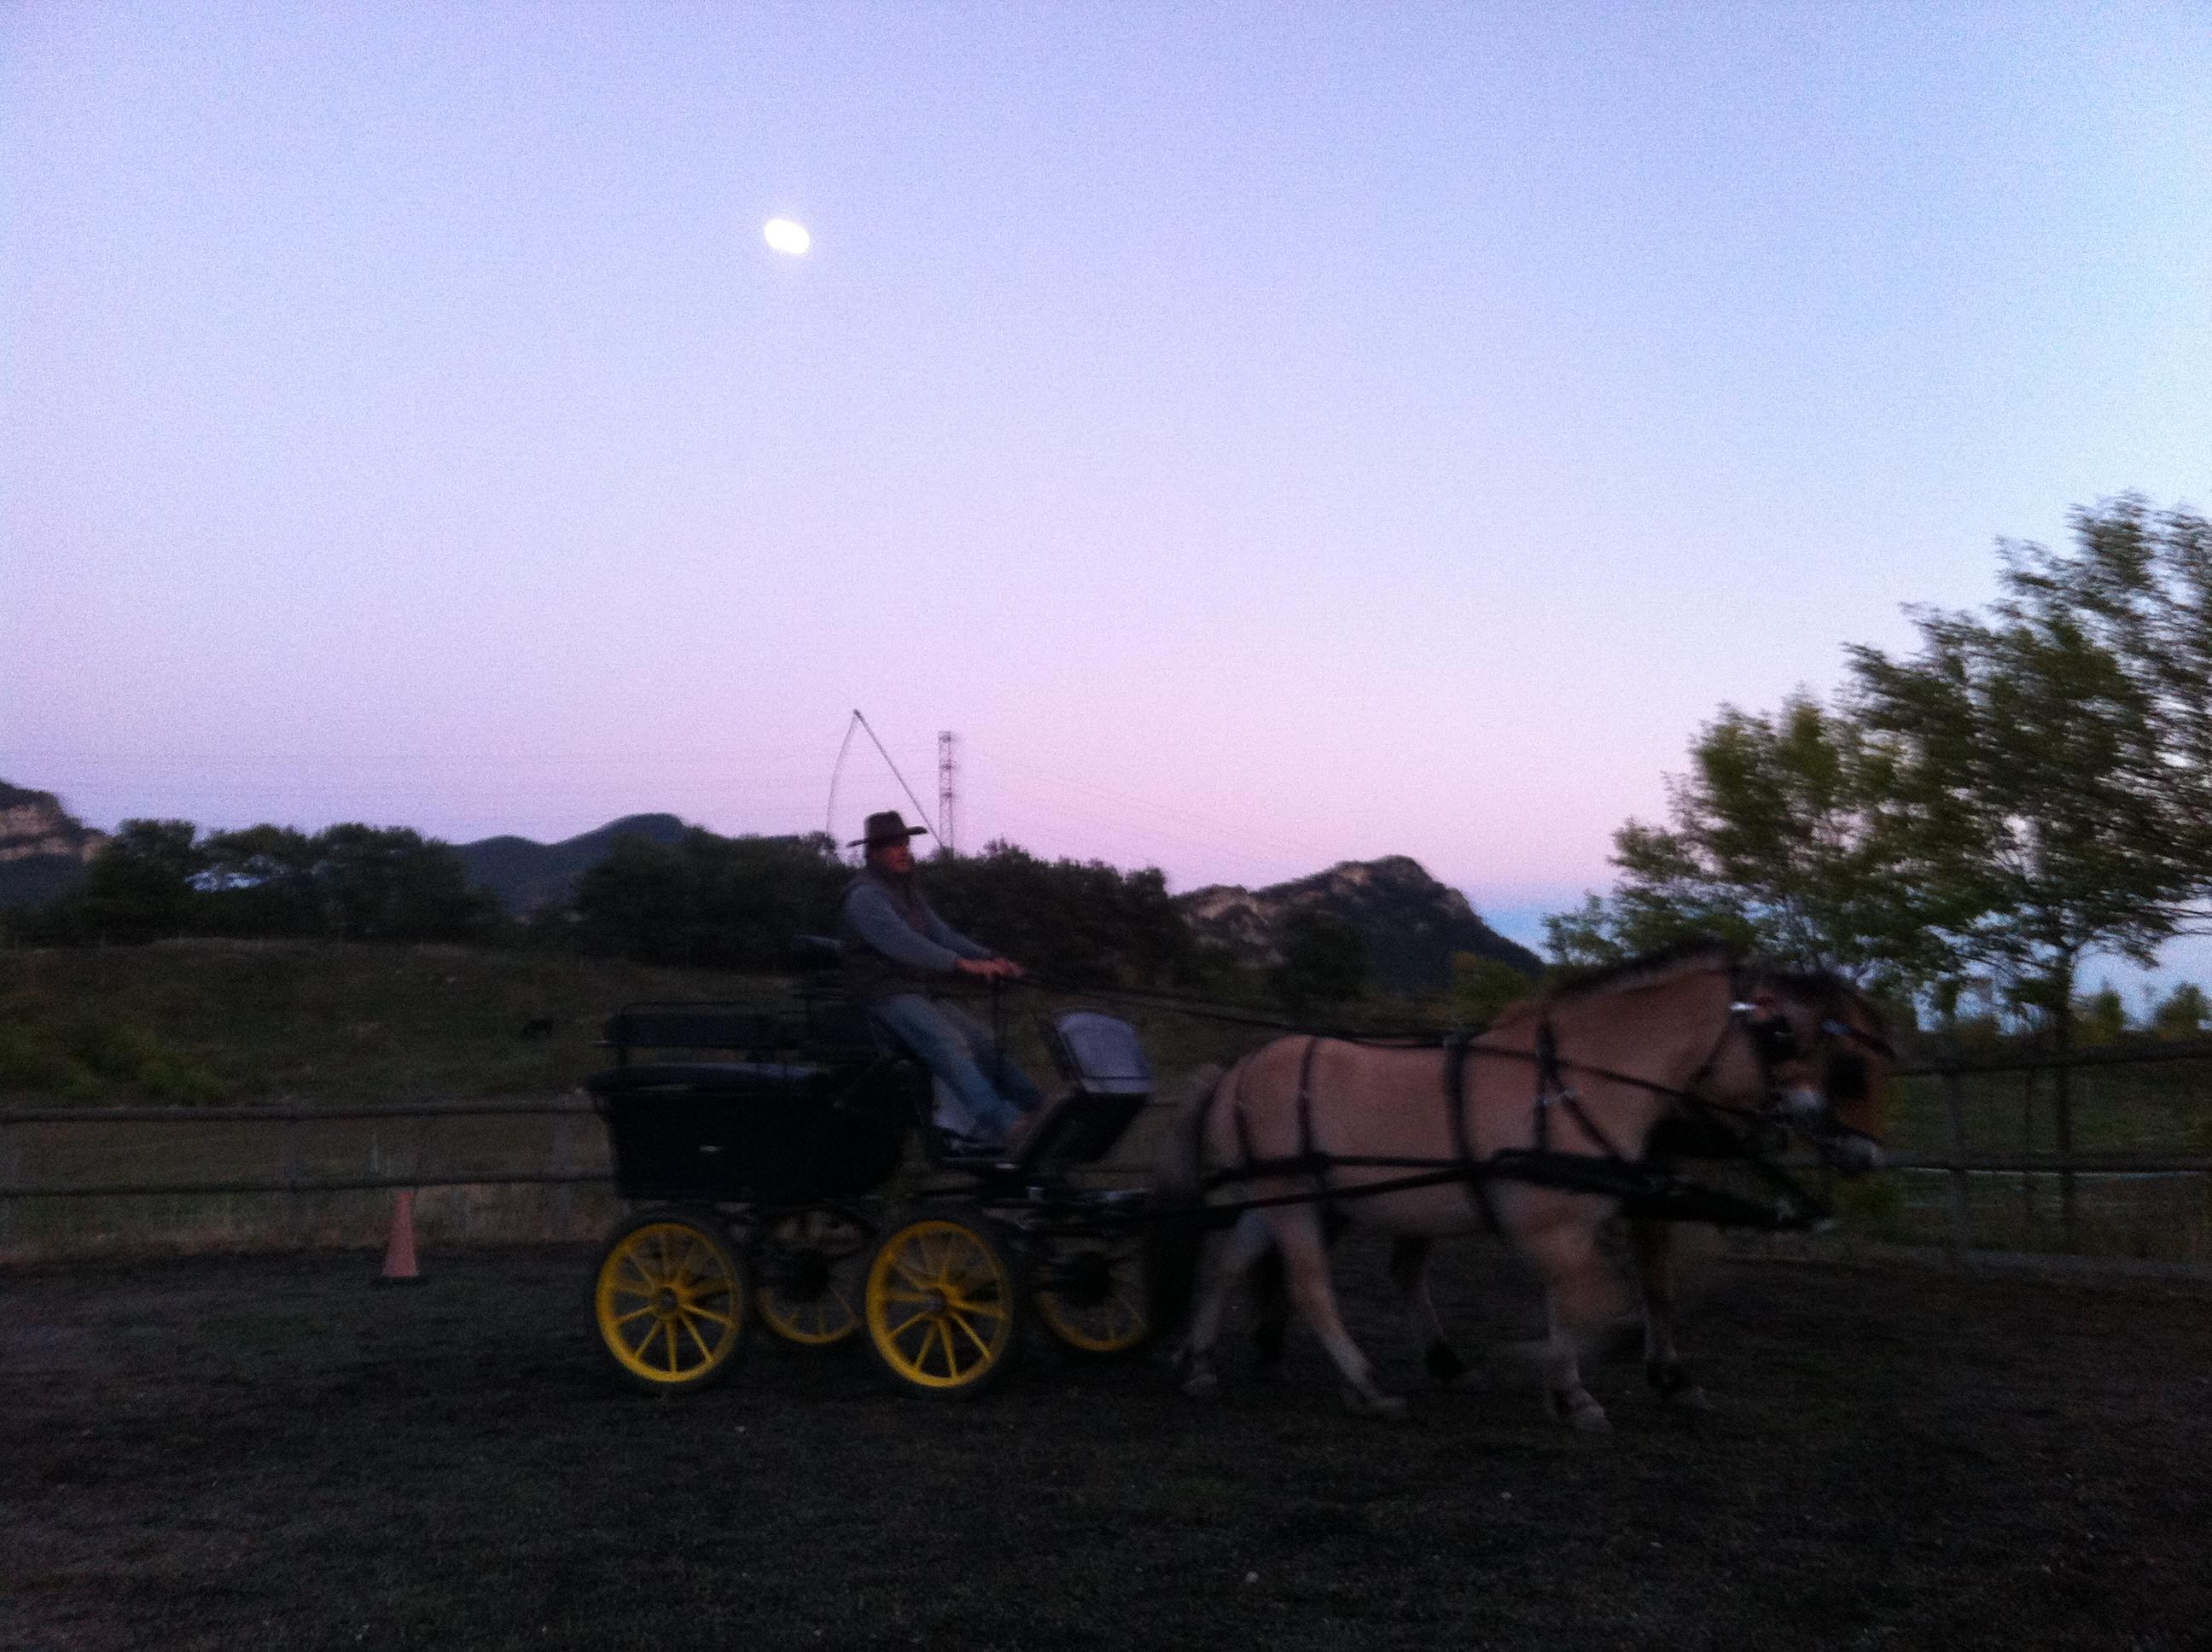 """Un parell d'hores provant guarnicions, posant la llança de tronc al cotxe, unes voltes suficientment satisfactòries a la pista, i en Victor diu: """"otra vuelta, que se vea la luna"""""""